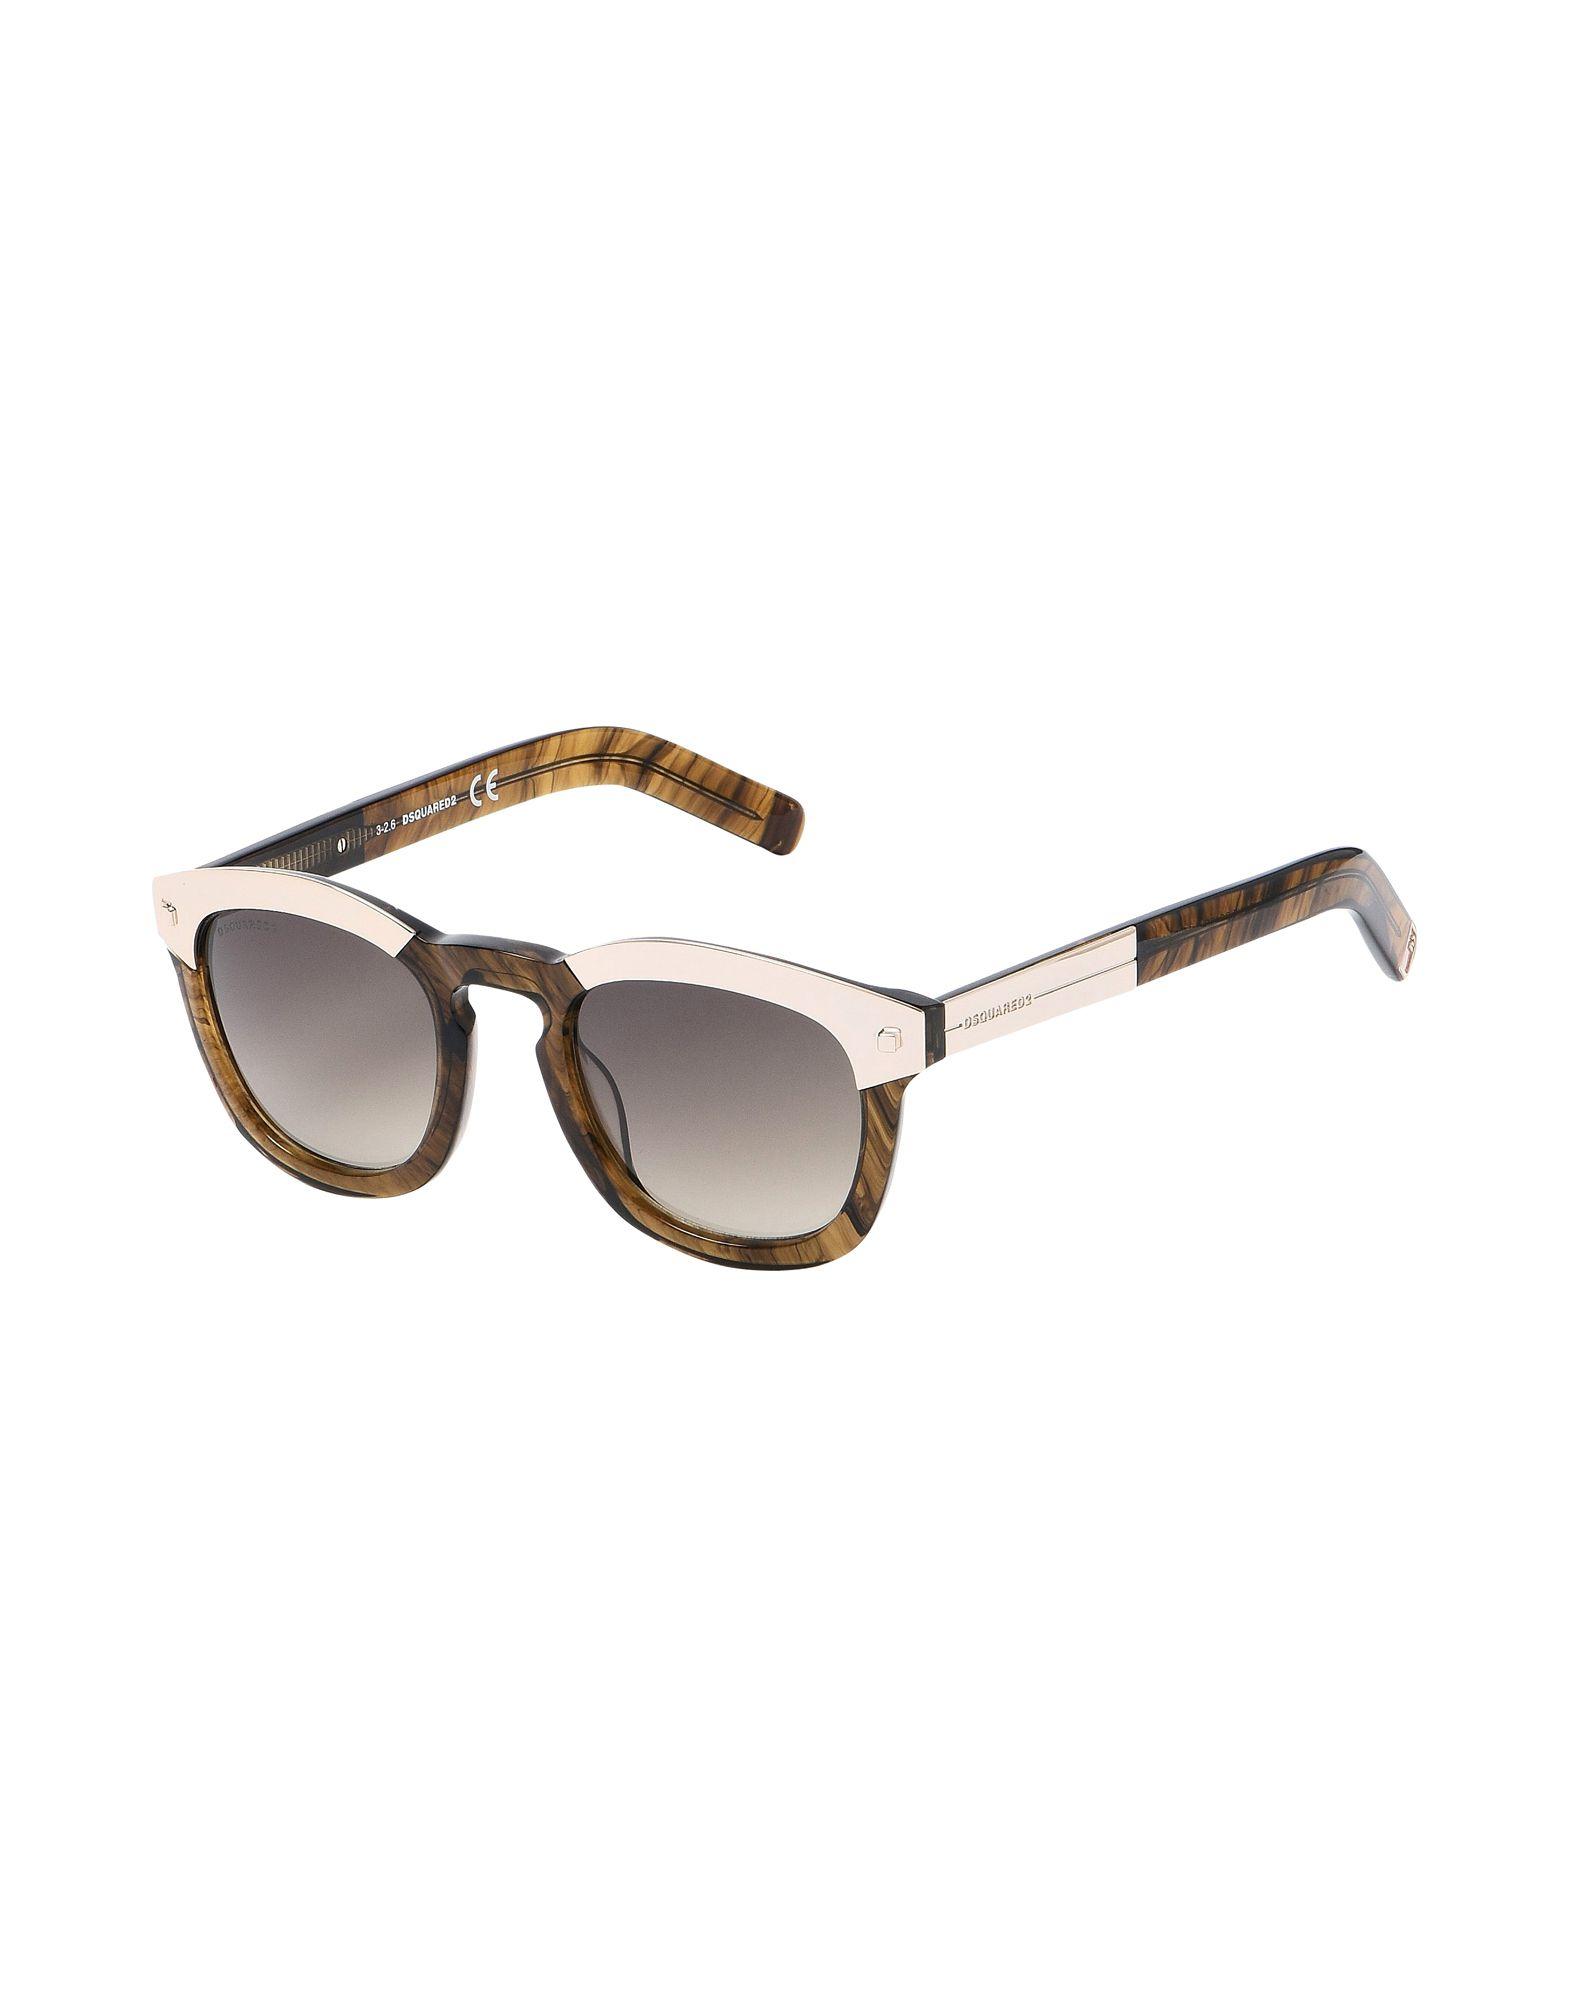 DSQUARED2 Солнечные очки очки корригирующие grand очки готовые 2 5 g1358 c4